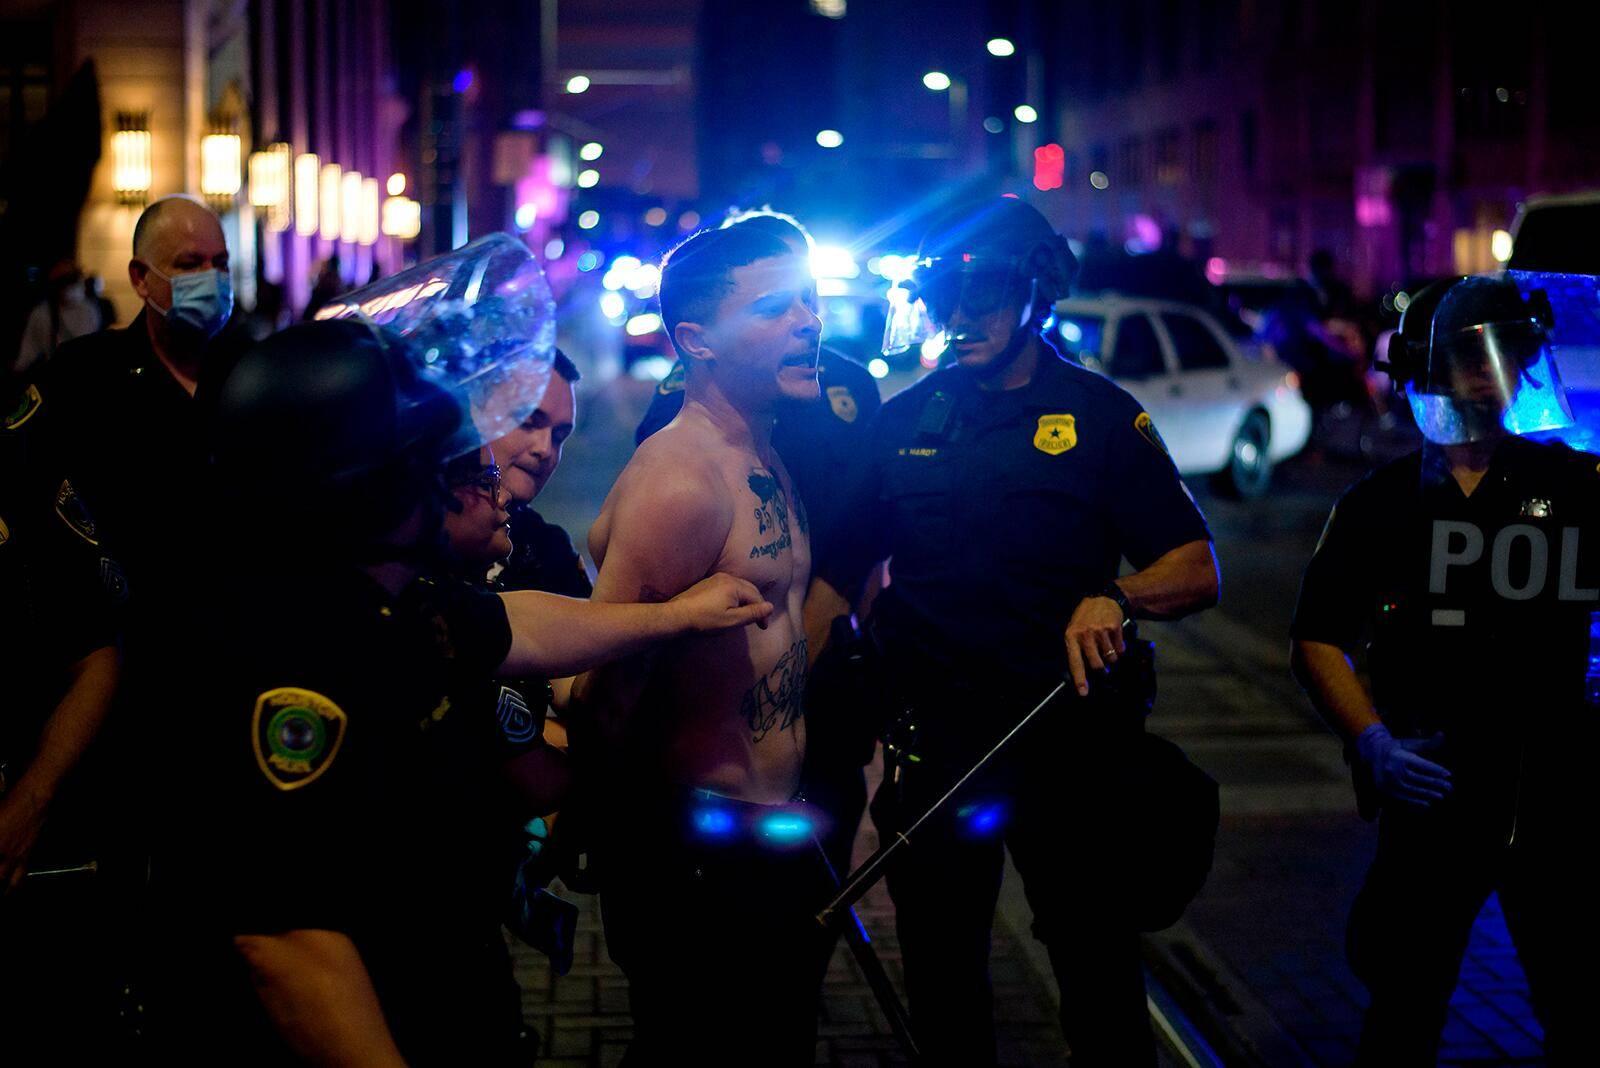 4名警员受伤、8辆警车遭损坏,美国休斯顿警方逮捕近200人-WordPress极简博客